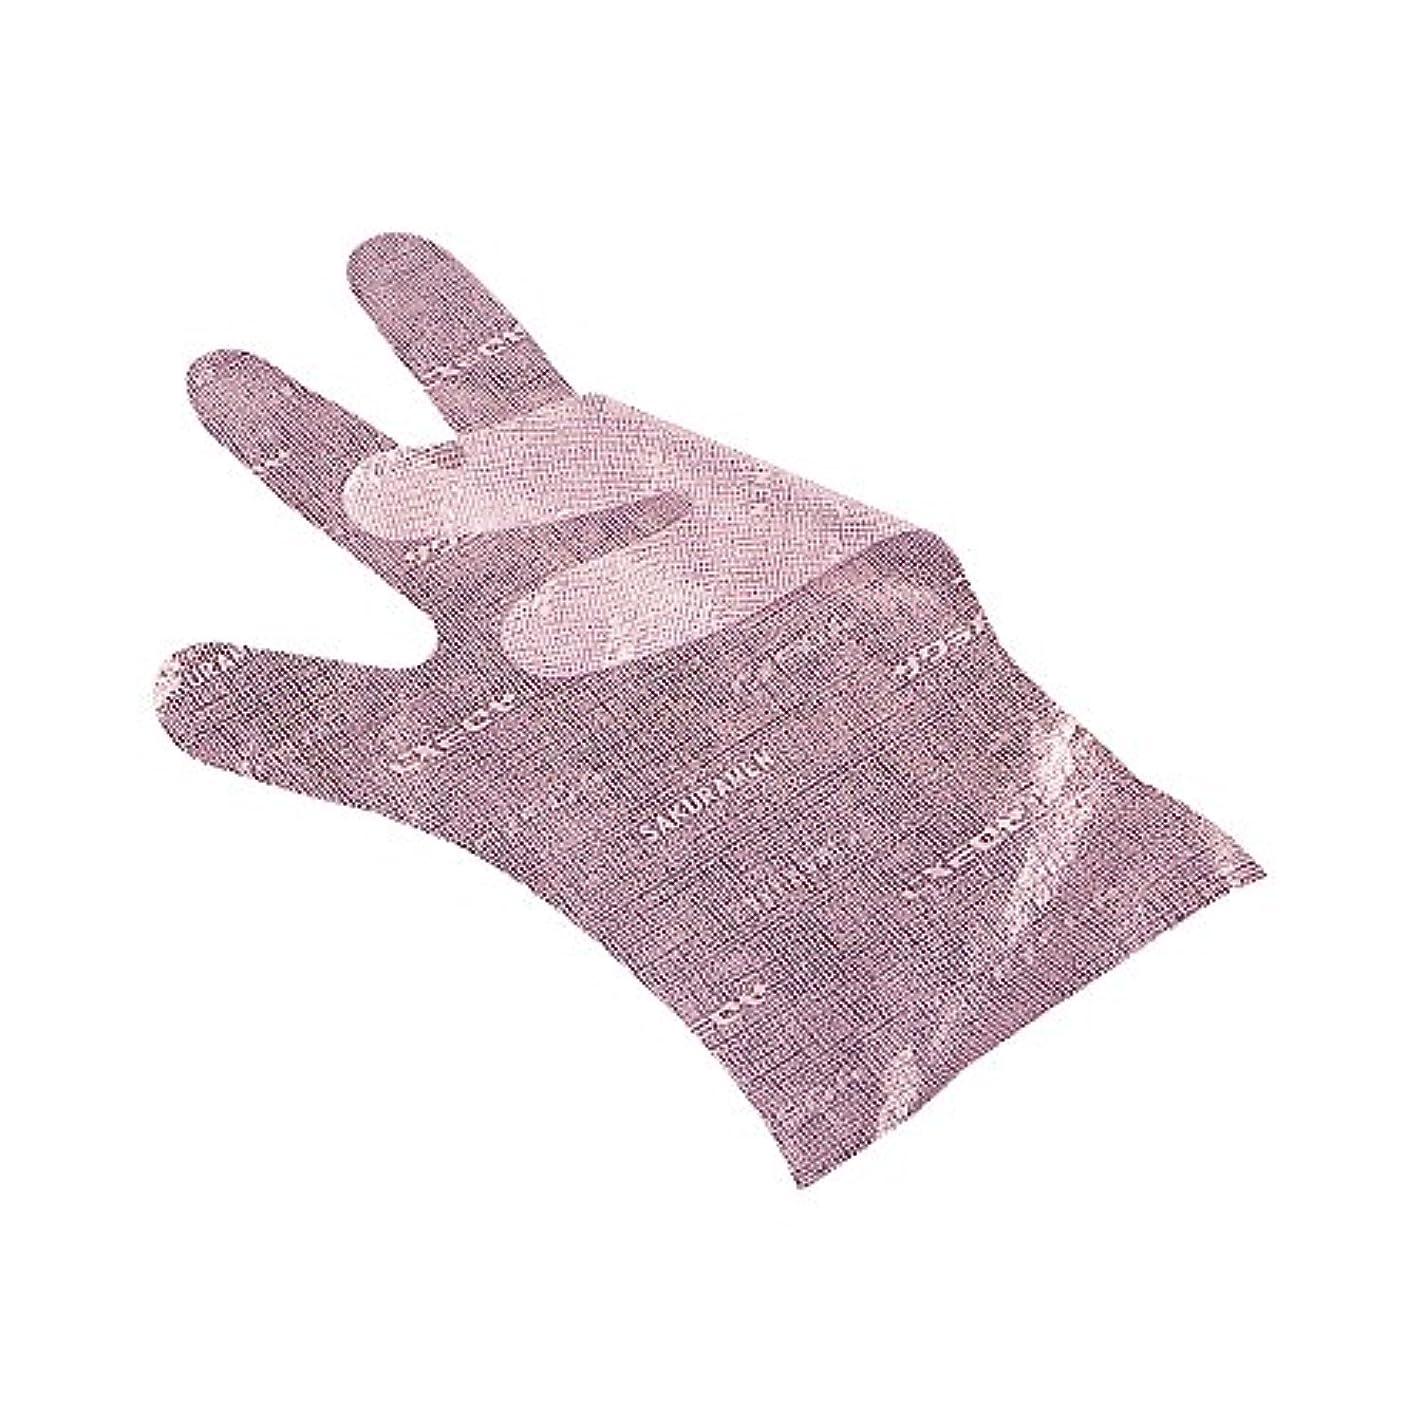 手のひら骨残基サクラメンエンボス手袋 デラックス ピンク S 100枚入